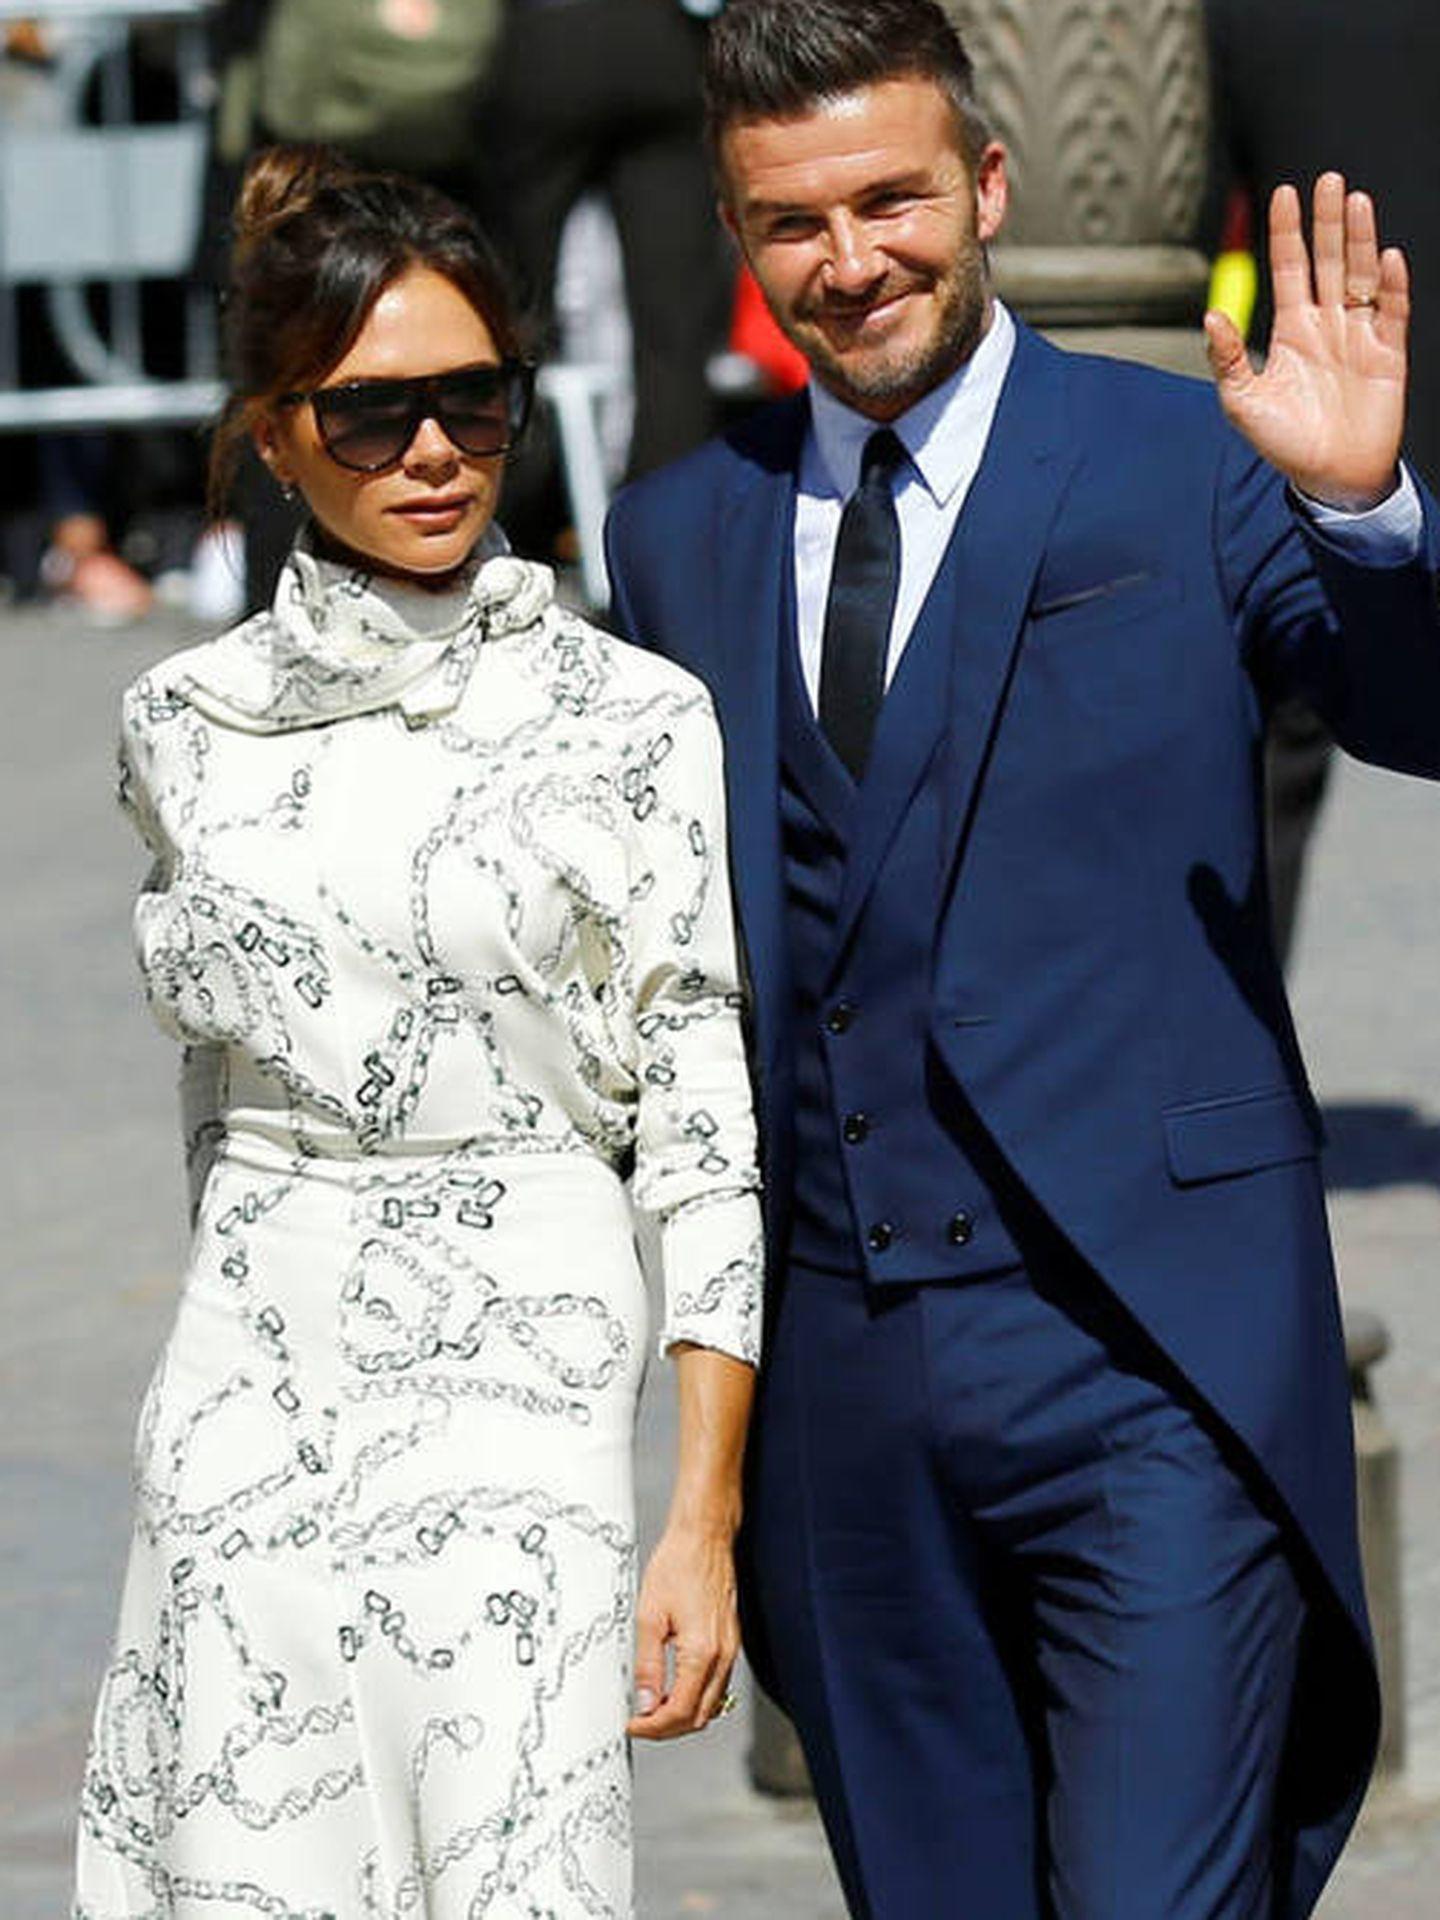 Los looks de Victoria y David Beckham para la boda de Sergio Ramos y Pilar Rubio. (Reuters)